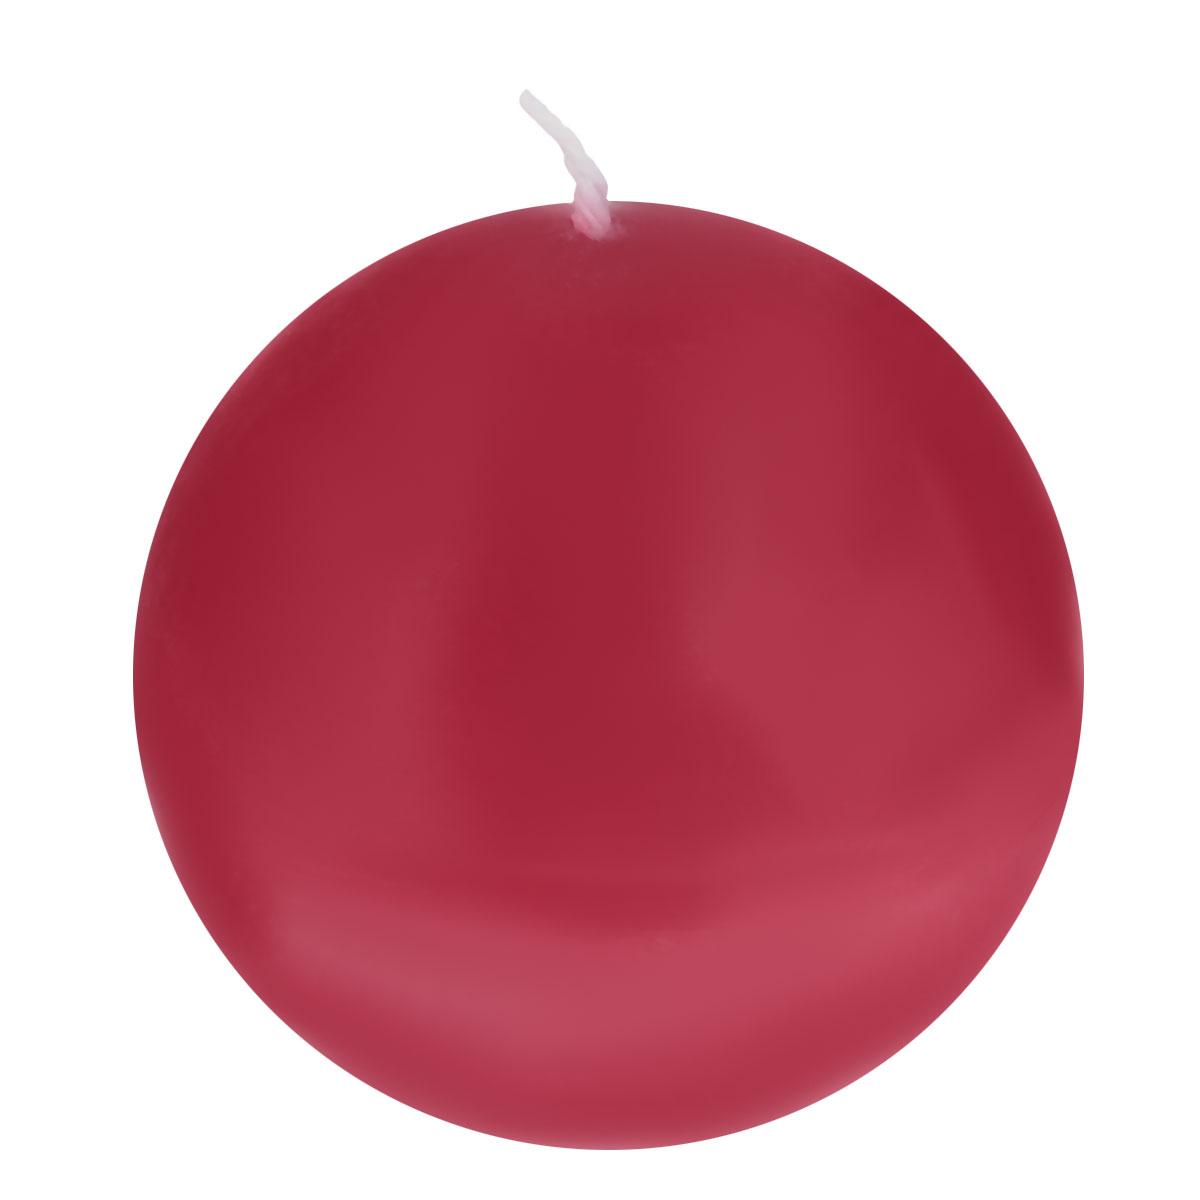 Свеча декоративная Proffi Шар, цвет: бордовый, диаметр 7,5 см свеча декоративная proffi шар цвет белый диаметр 7 5 см